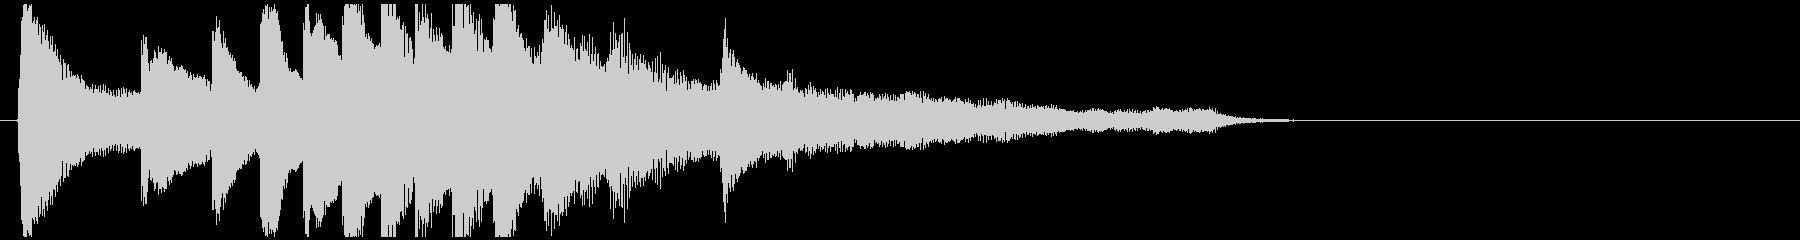 透明感のあるサウンドロゴ ピアノソロ 1の未再生の波形